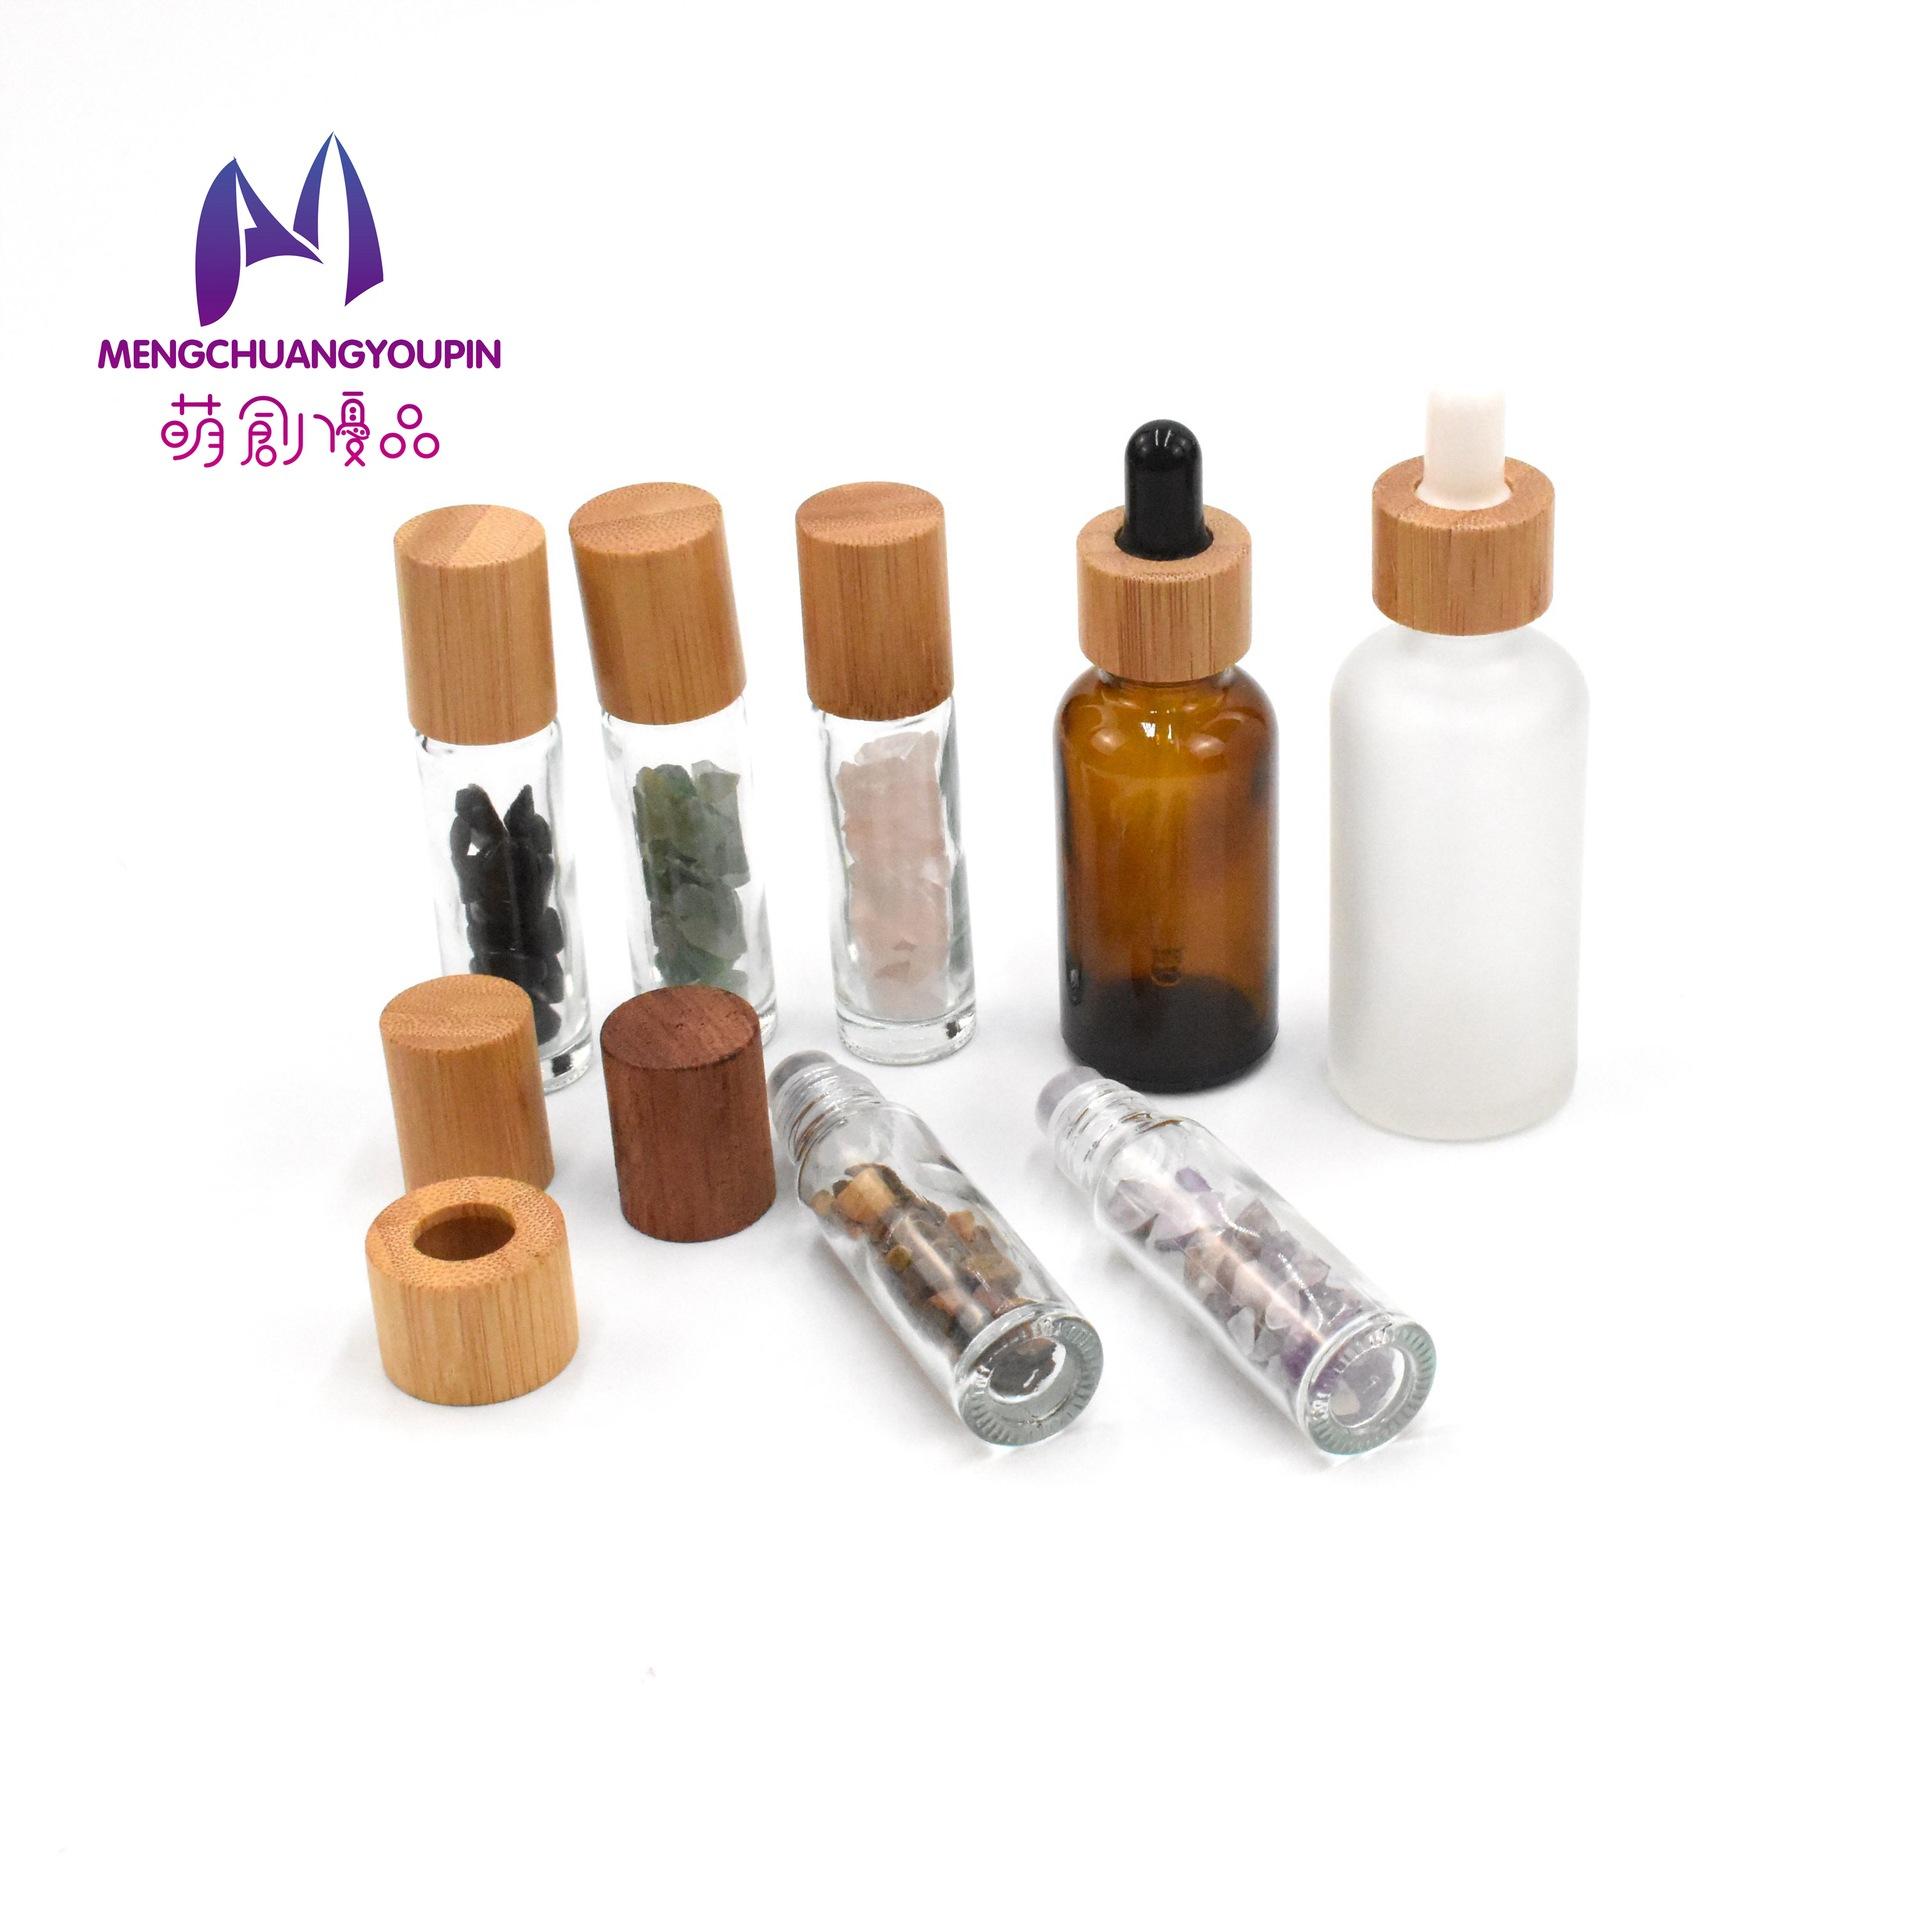 香水木蓋  精油瓶木蓋   玻璃木蓋    竹蓋  實木蓋  尺寸可定制